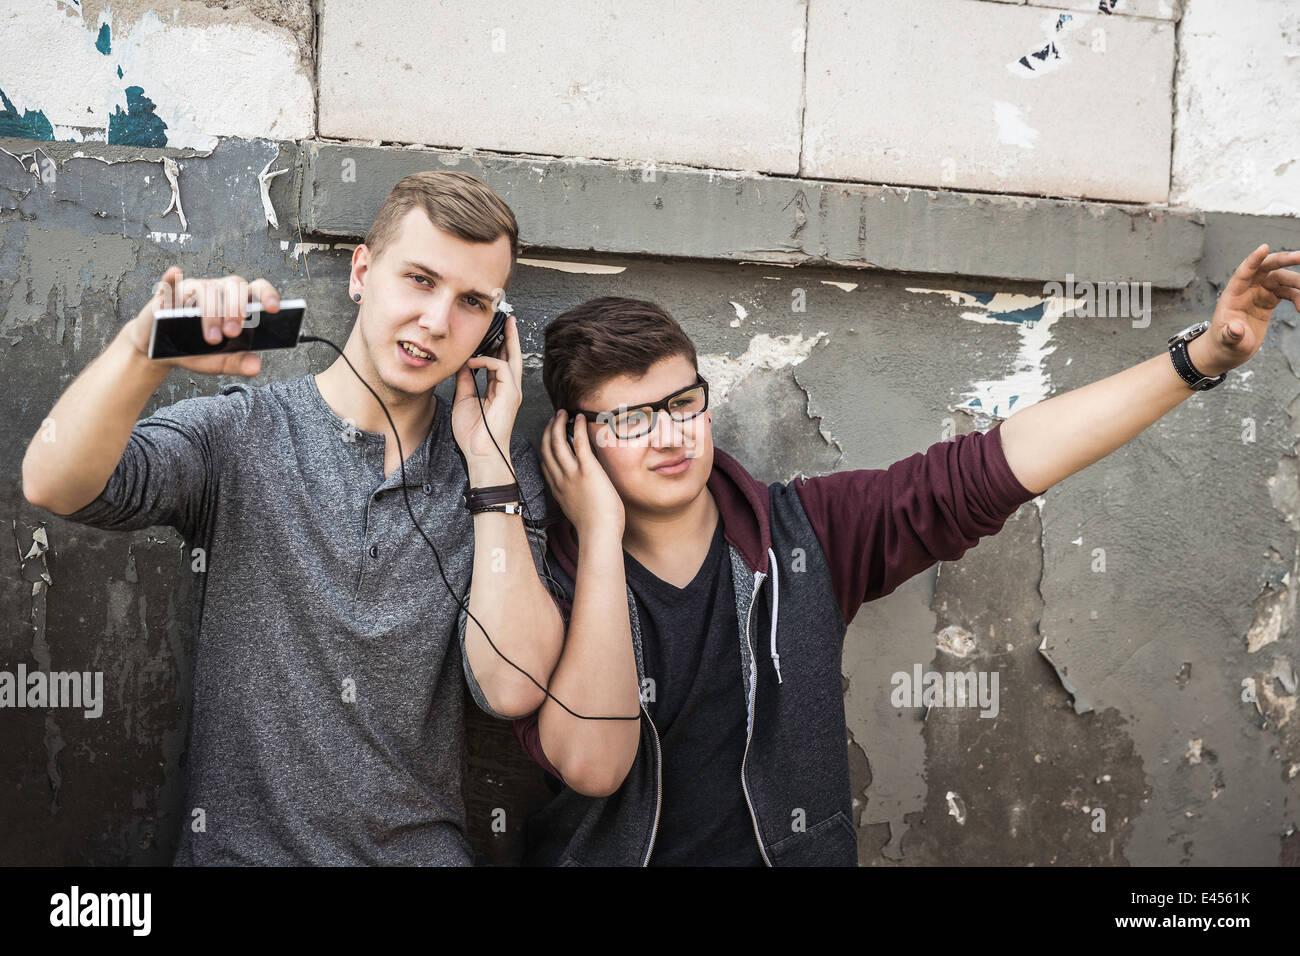 Muchachos adolescentes escuchando música por edificio abandonado Imagen De Stock